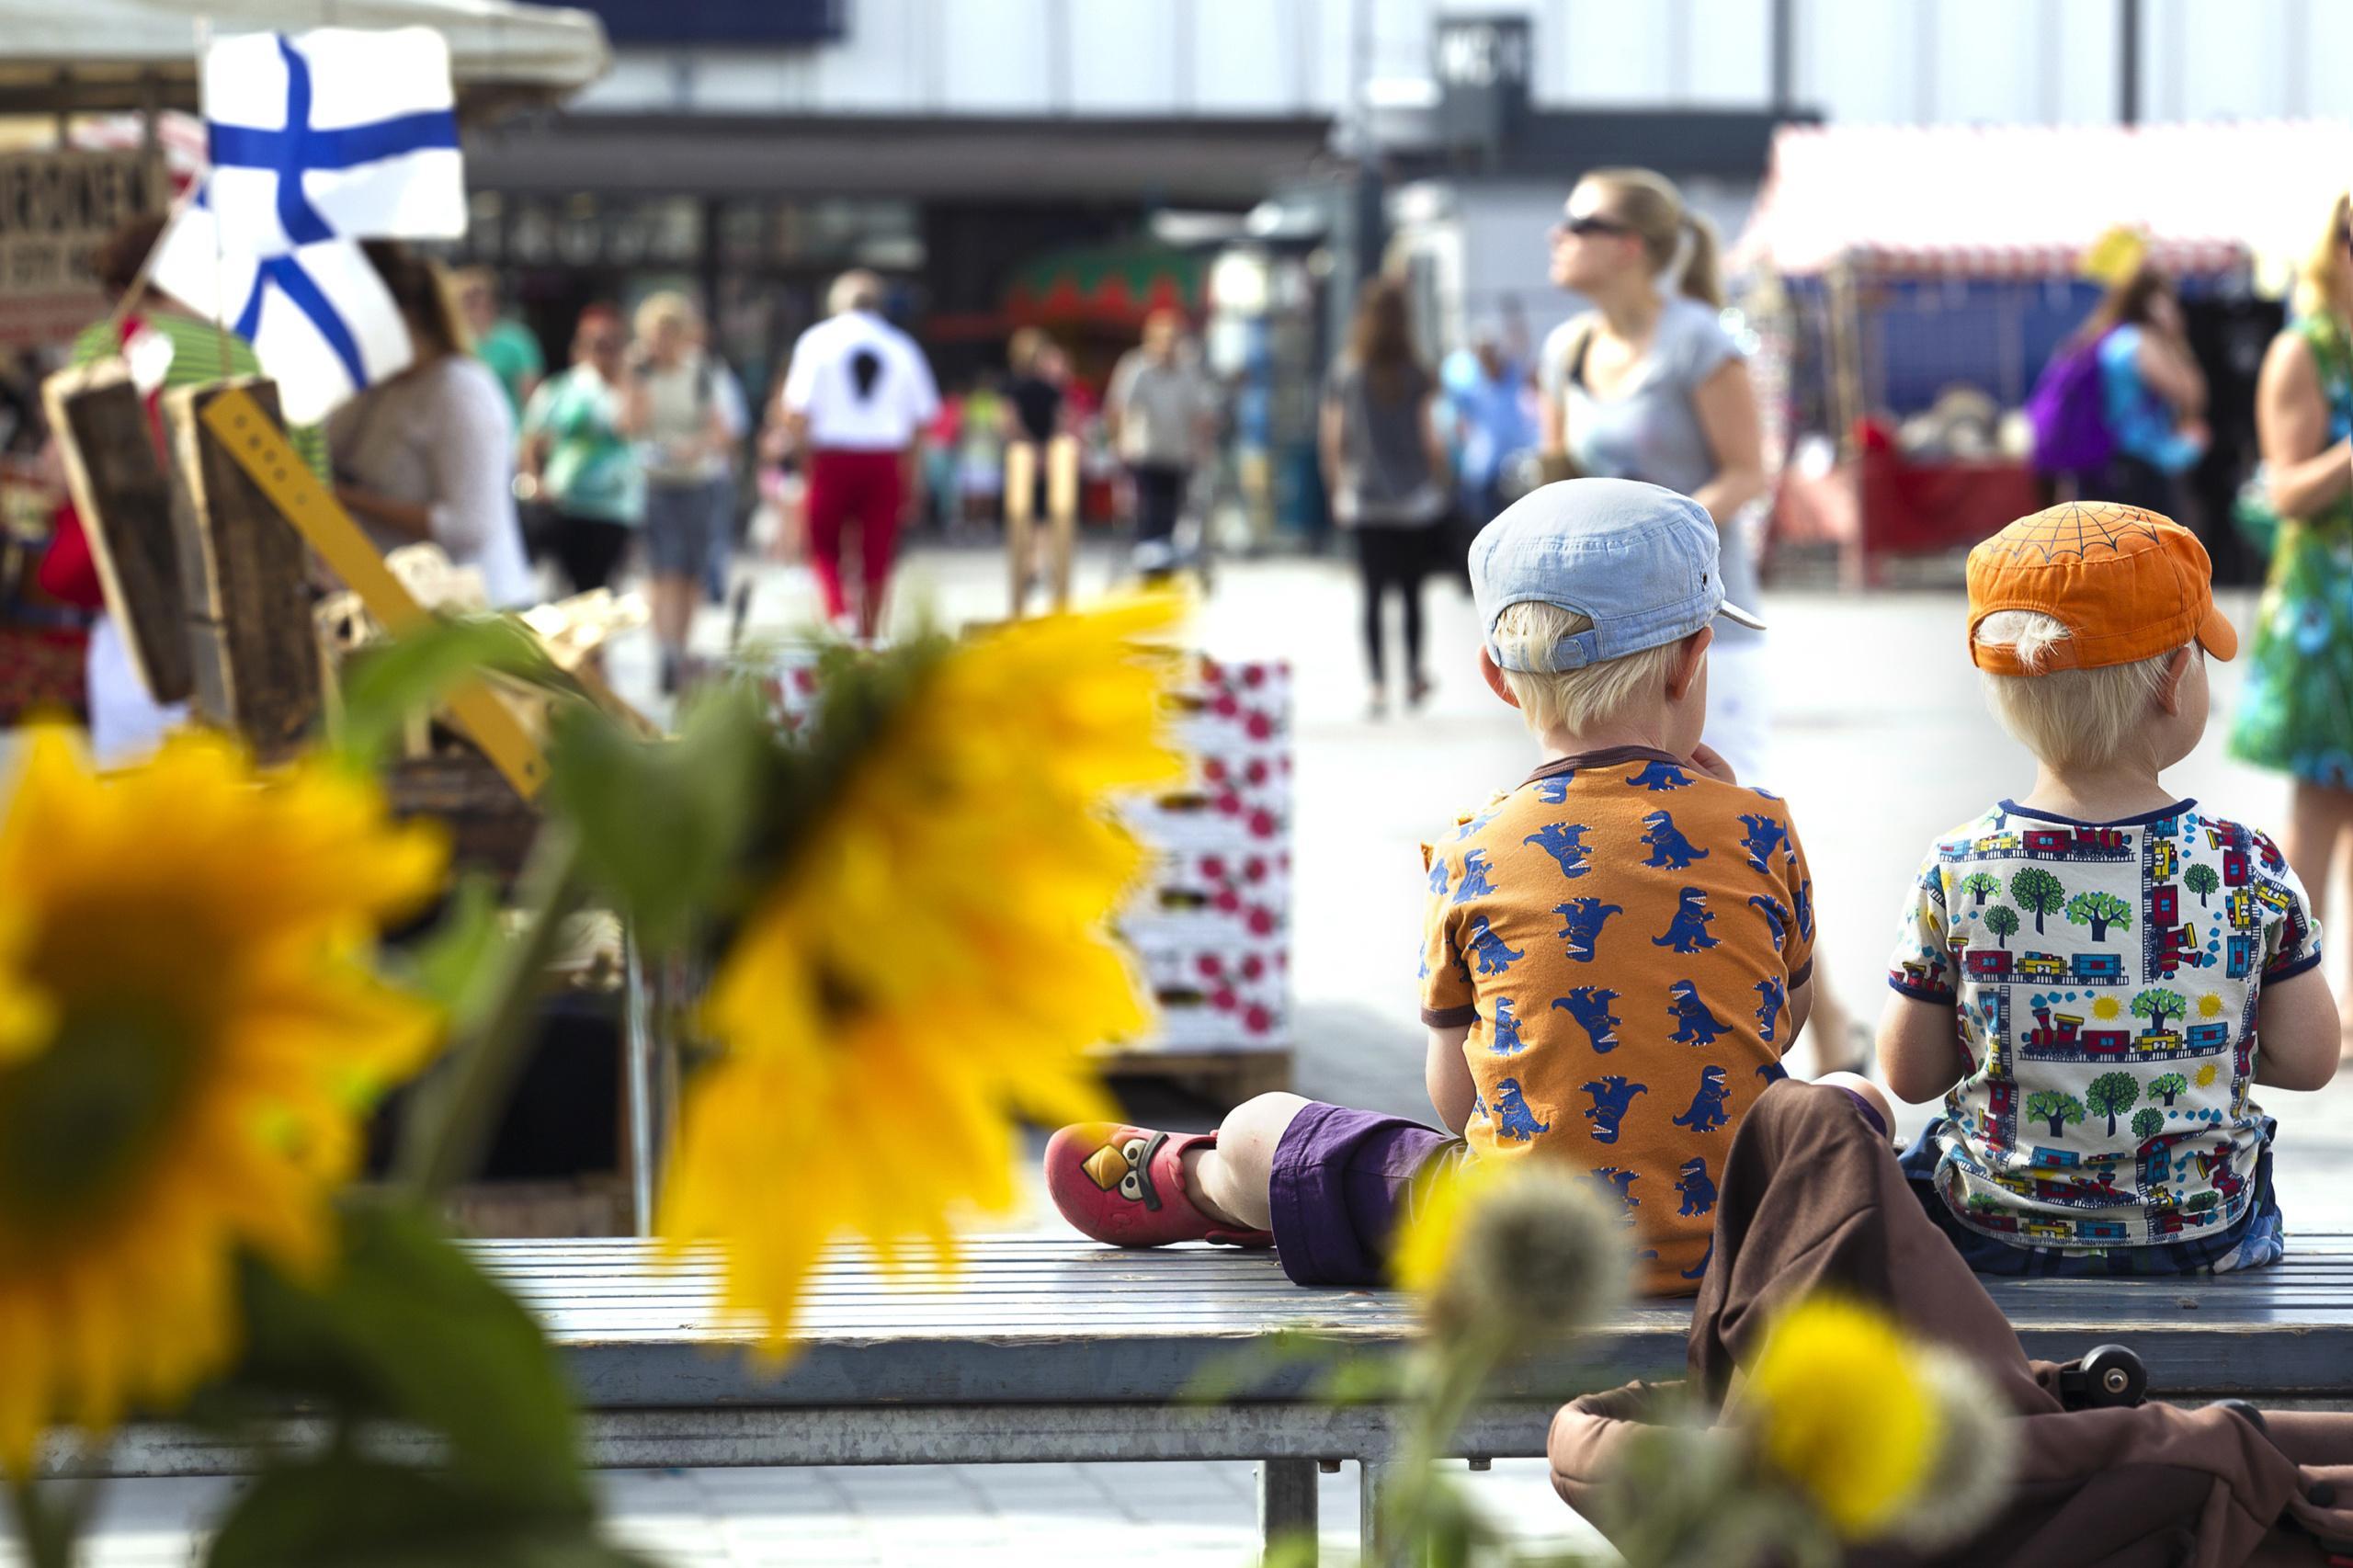 Kaksi lippalakkipäistä pikkupoikaa istuu aurinkoisen päivänä penkillä, selin kuvaajaan, kuvan oikeassa reunassa. Taustalla epätarkkana torin ihmisvilinää ja etualalla vasemmalla lähellä auringonkukkia.